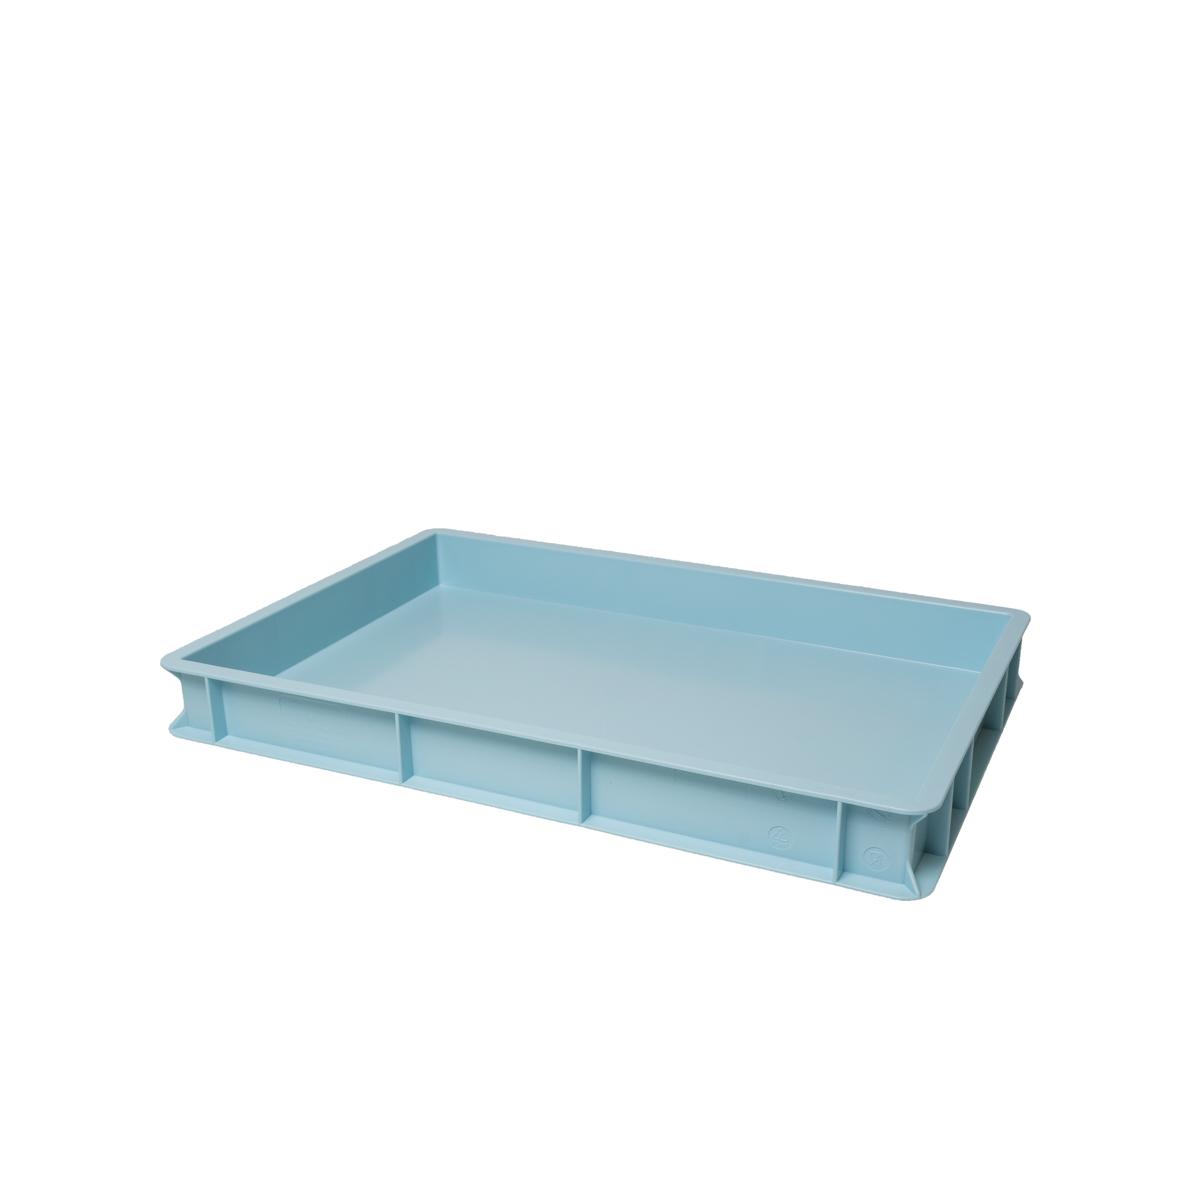 Ljusblå deglåda (beställningsvara)